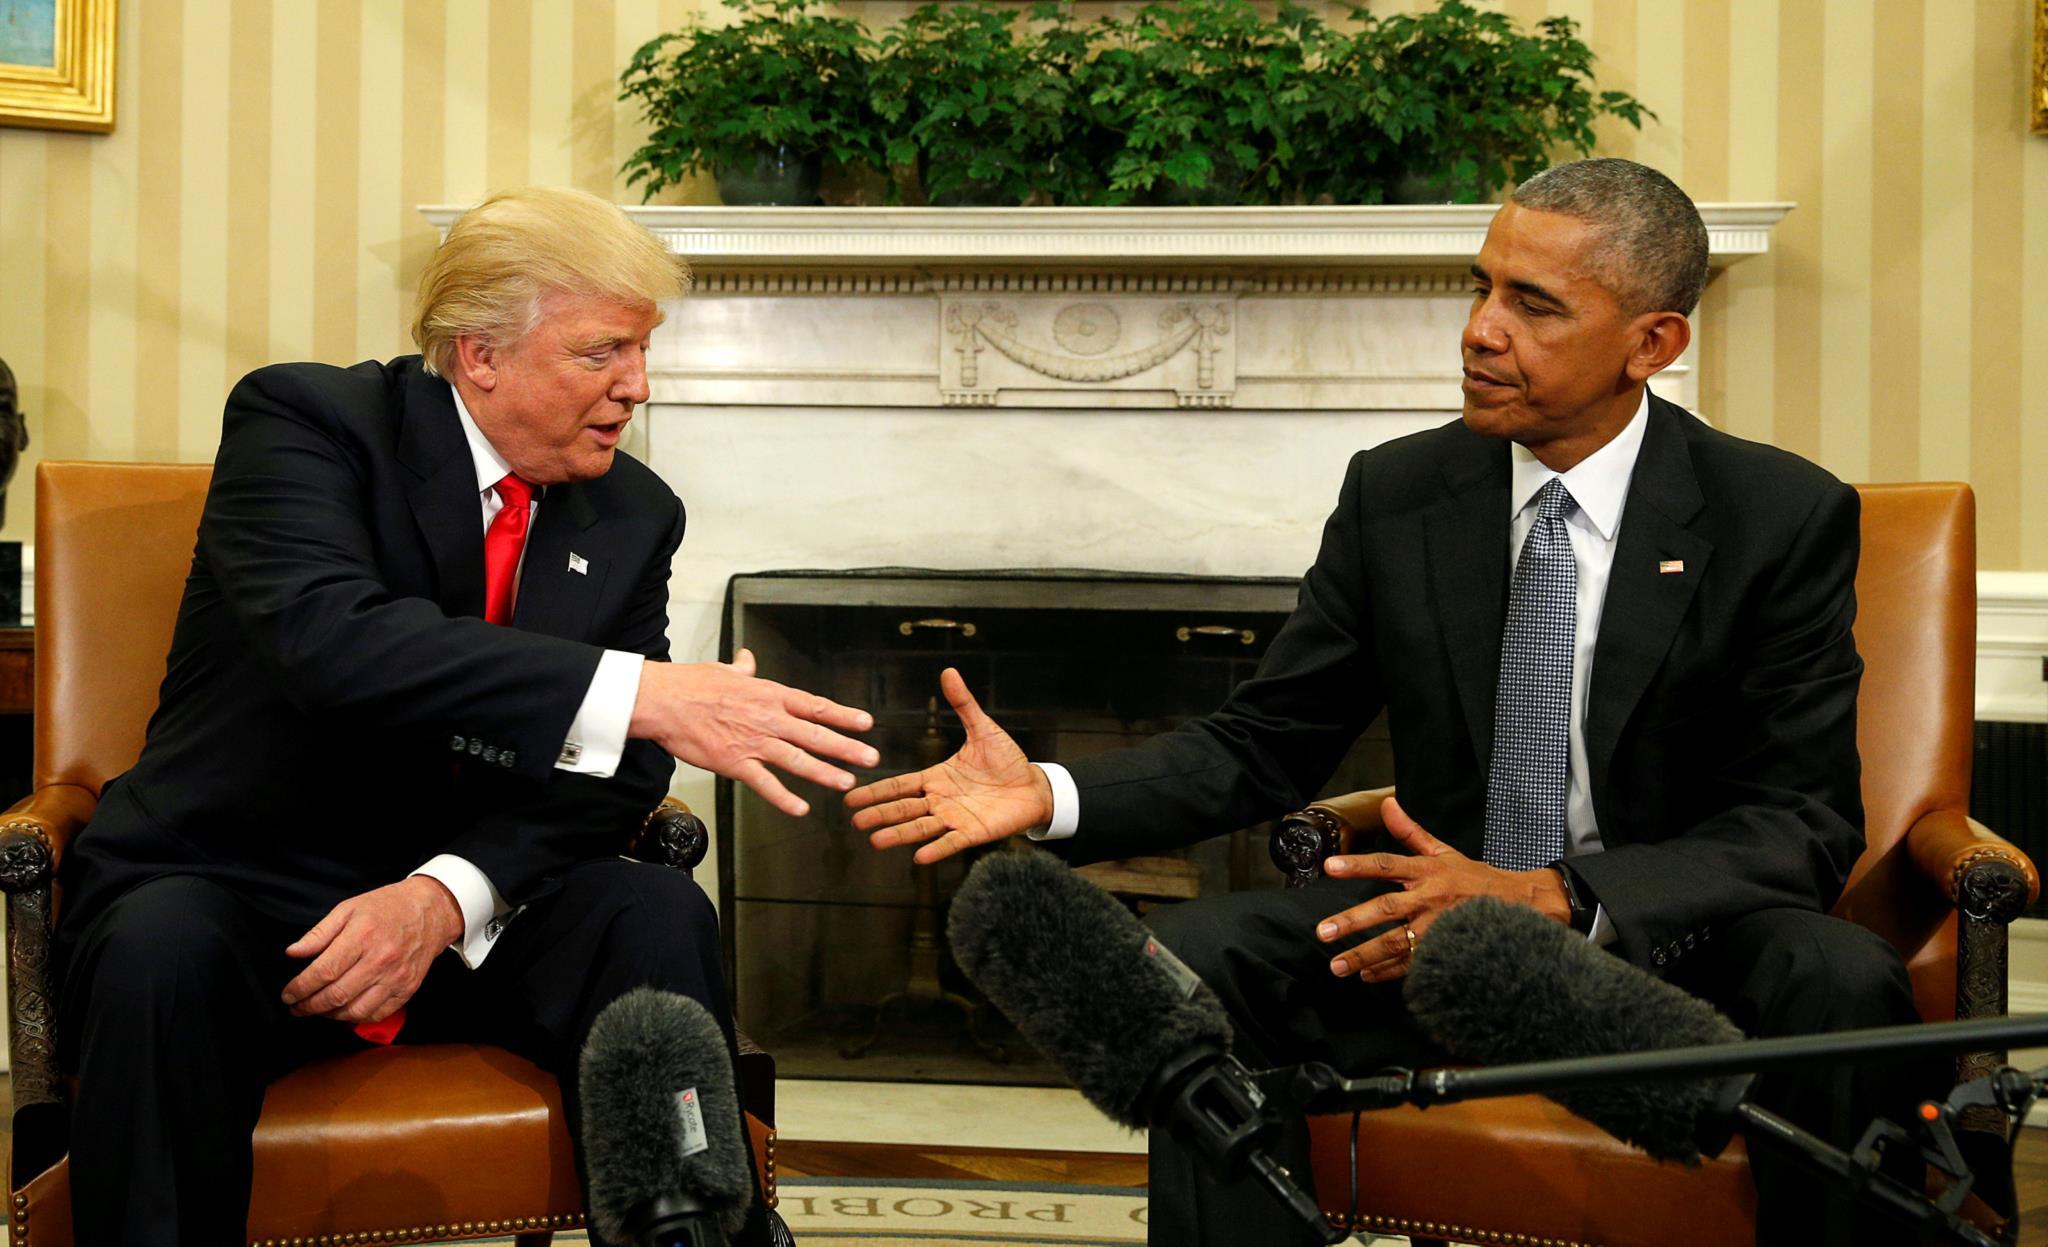 Após a eleição em Novembro de 2016, Barack Obama recebeu Donald Trump na Casa Branca e pediu união ao povo americano